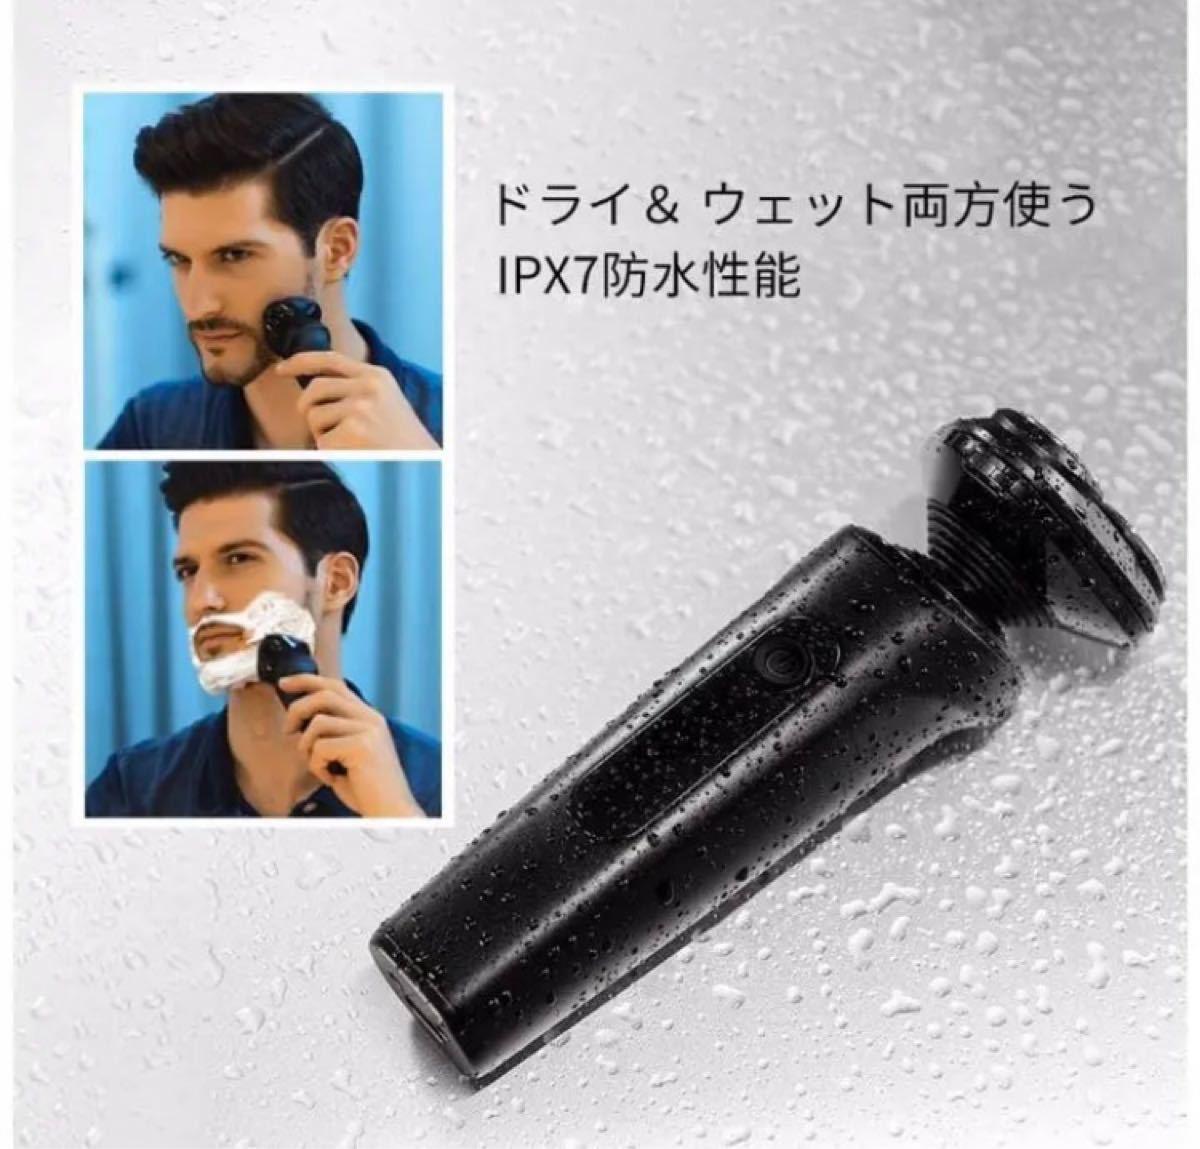 UICINOY メンズ 電気シェーバー ひげそり 電気カミソリ剃刀  メンズシェーバー